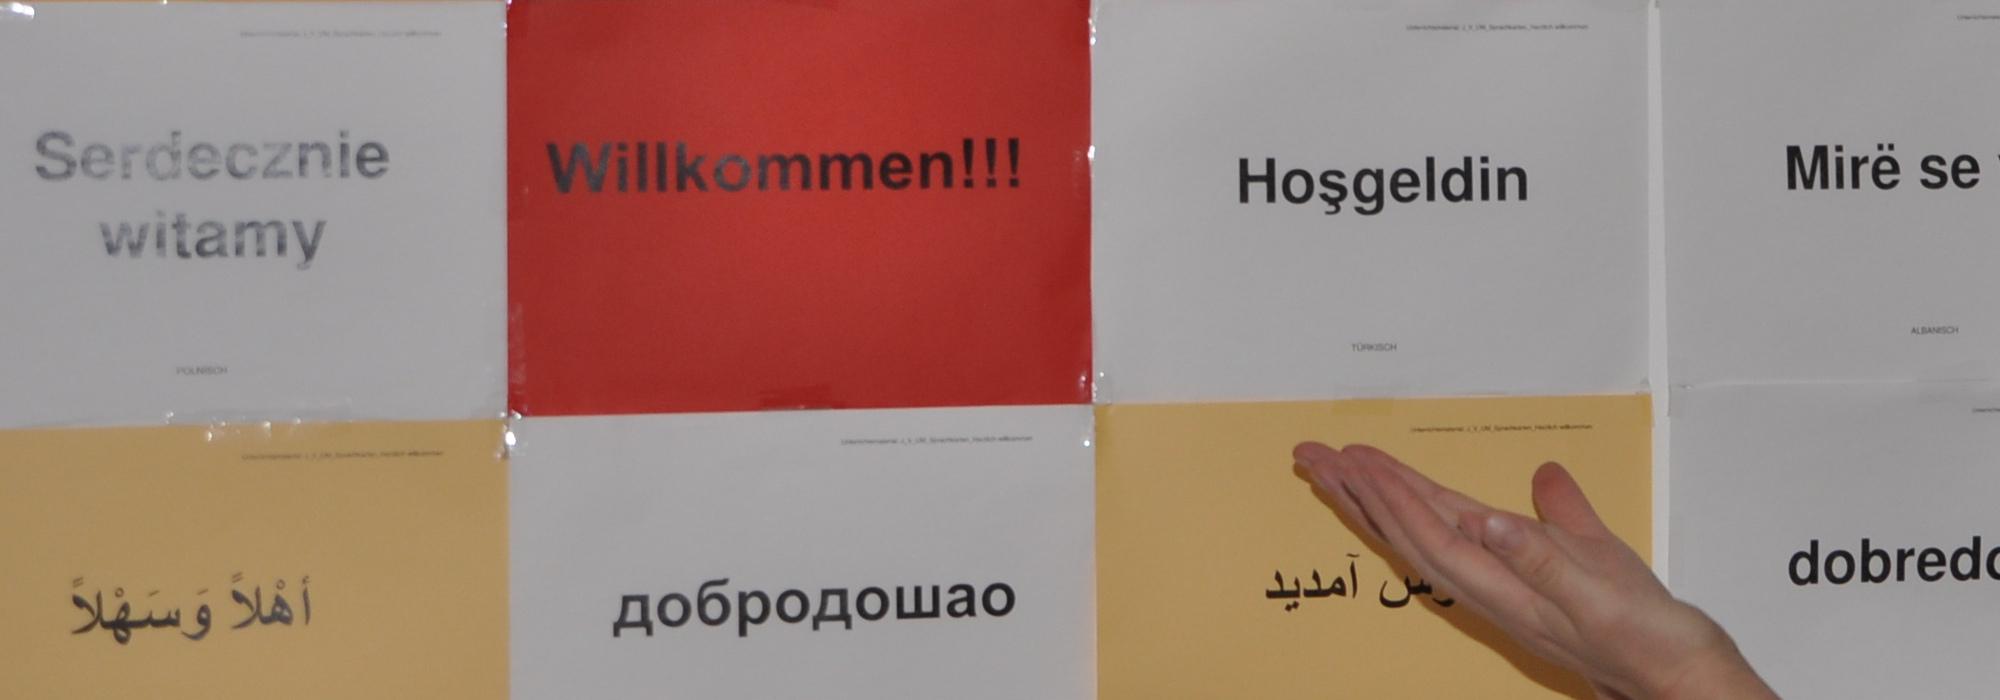 """Fortbildung """"Wenn die Sprache fehlt… – Sprachbarrieren in der Kommunikation mit Eltern"""", DRK Hamburg-Harburg im Rahmen des Bundesprogramms """"Kita-Einstieg"""", 18. September 2018"""